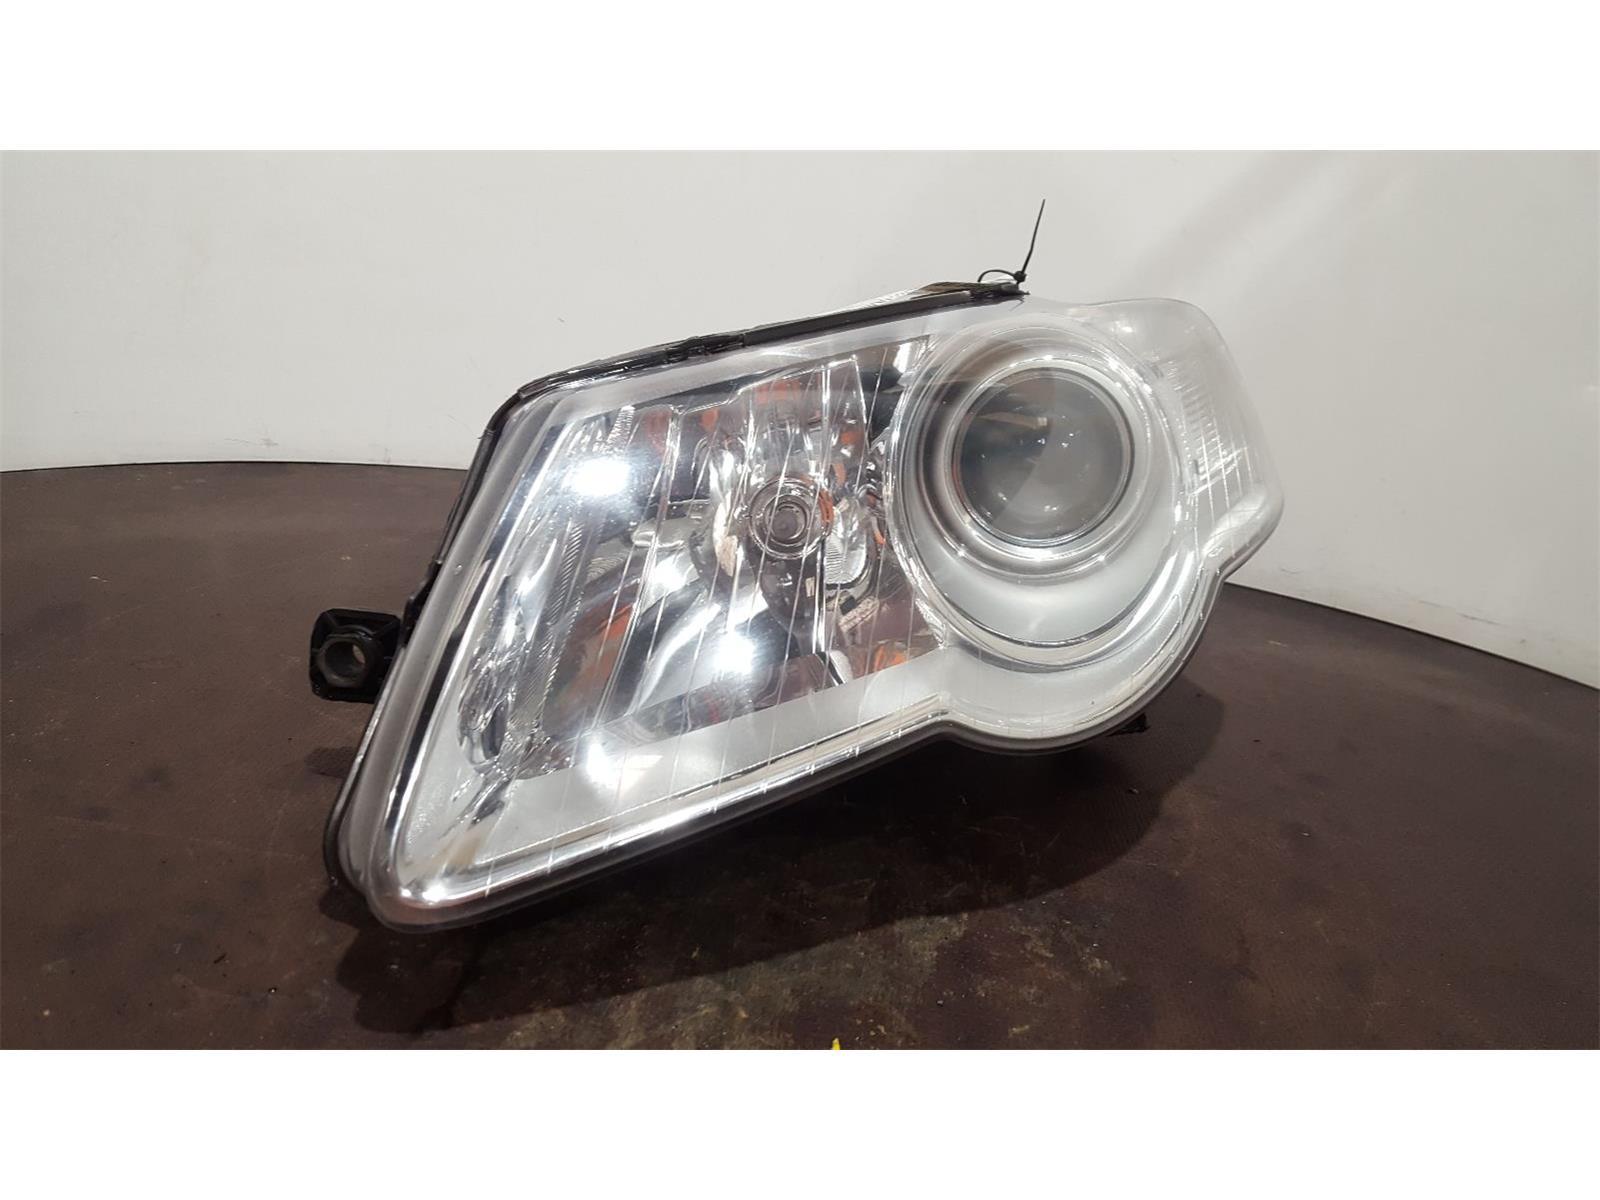 Volkswagen Passat 2005 To 2010 N/S Left Passengers Headlamp Headlight